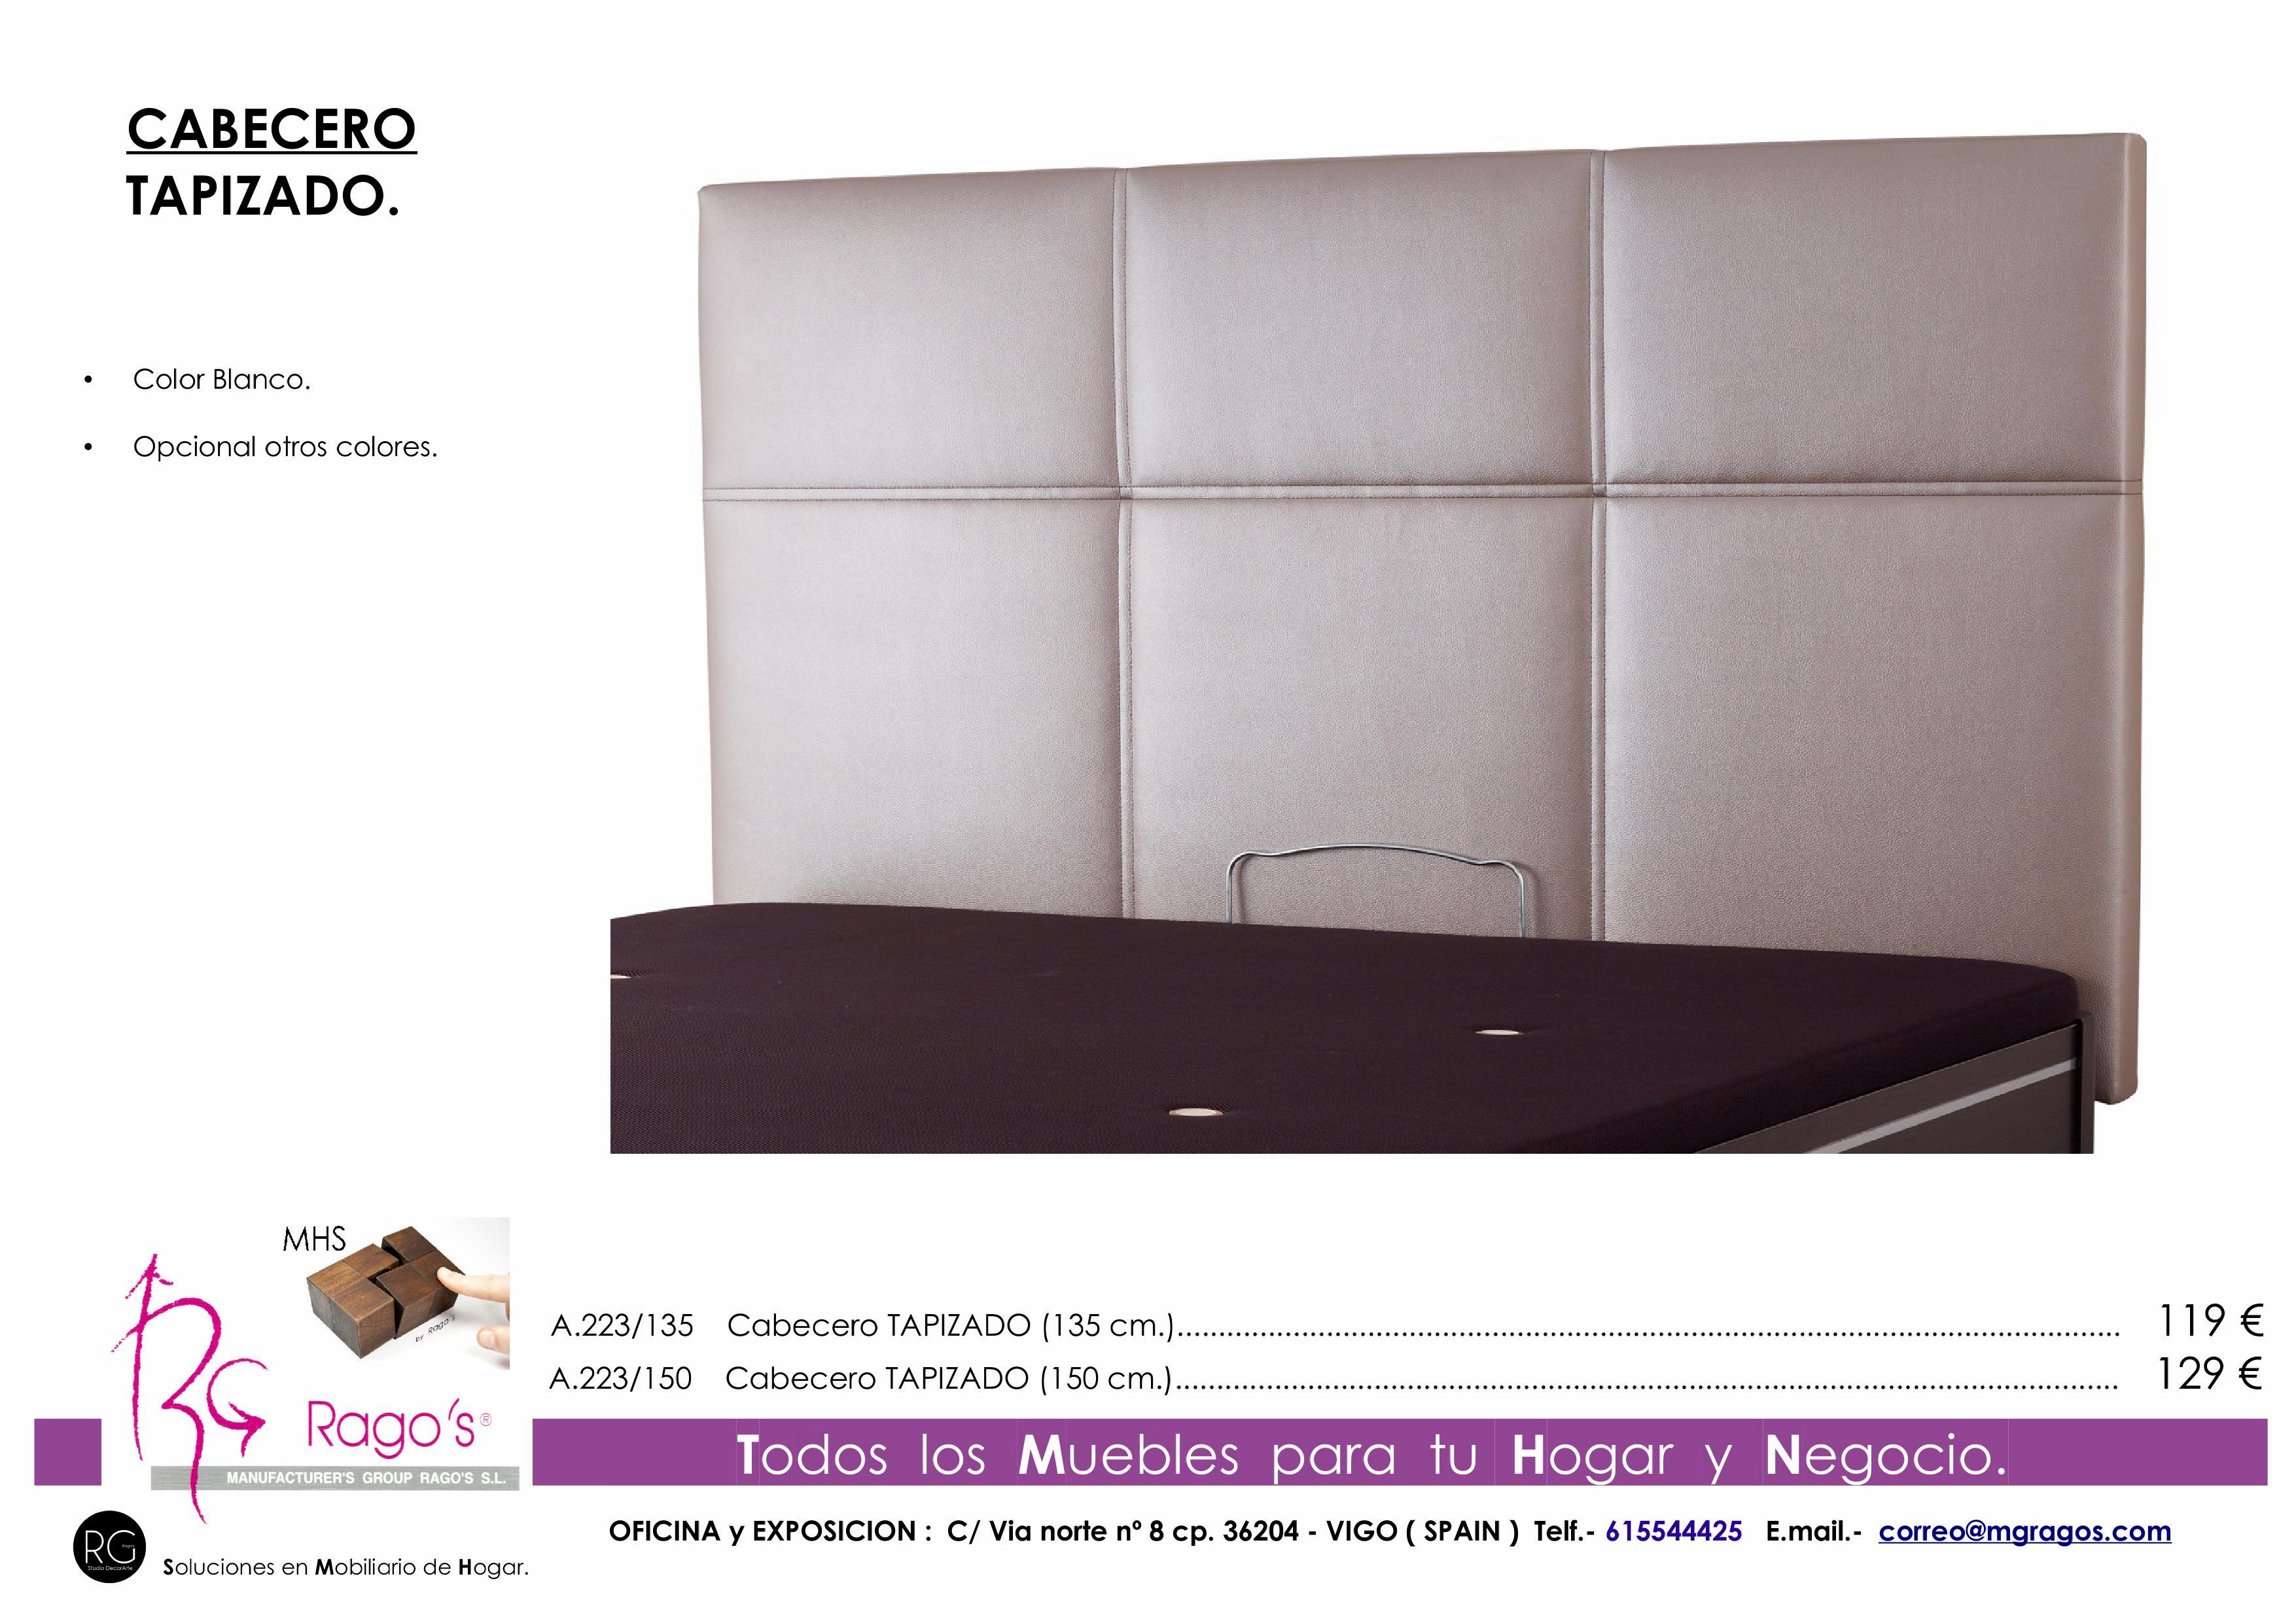 A.223 Cabecero Pag. nº 10